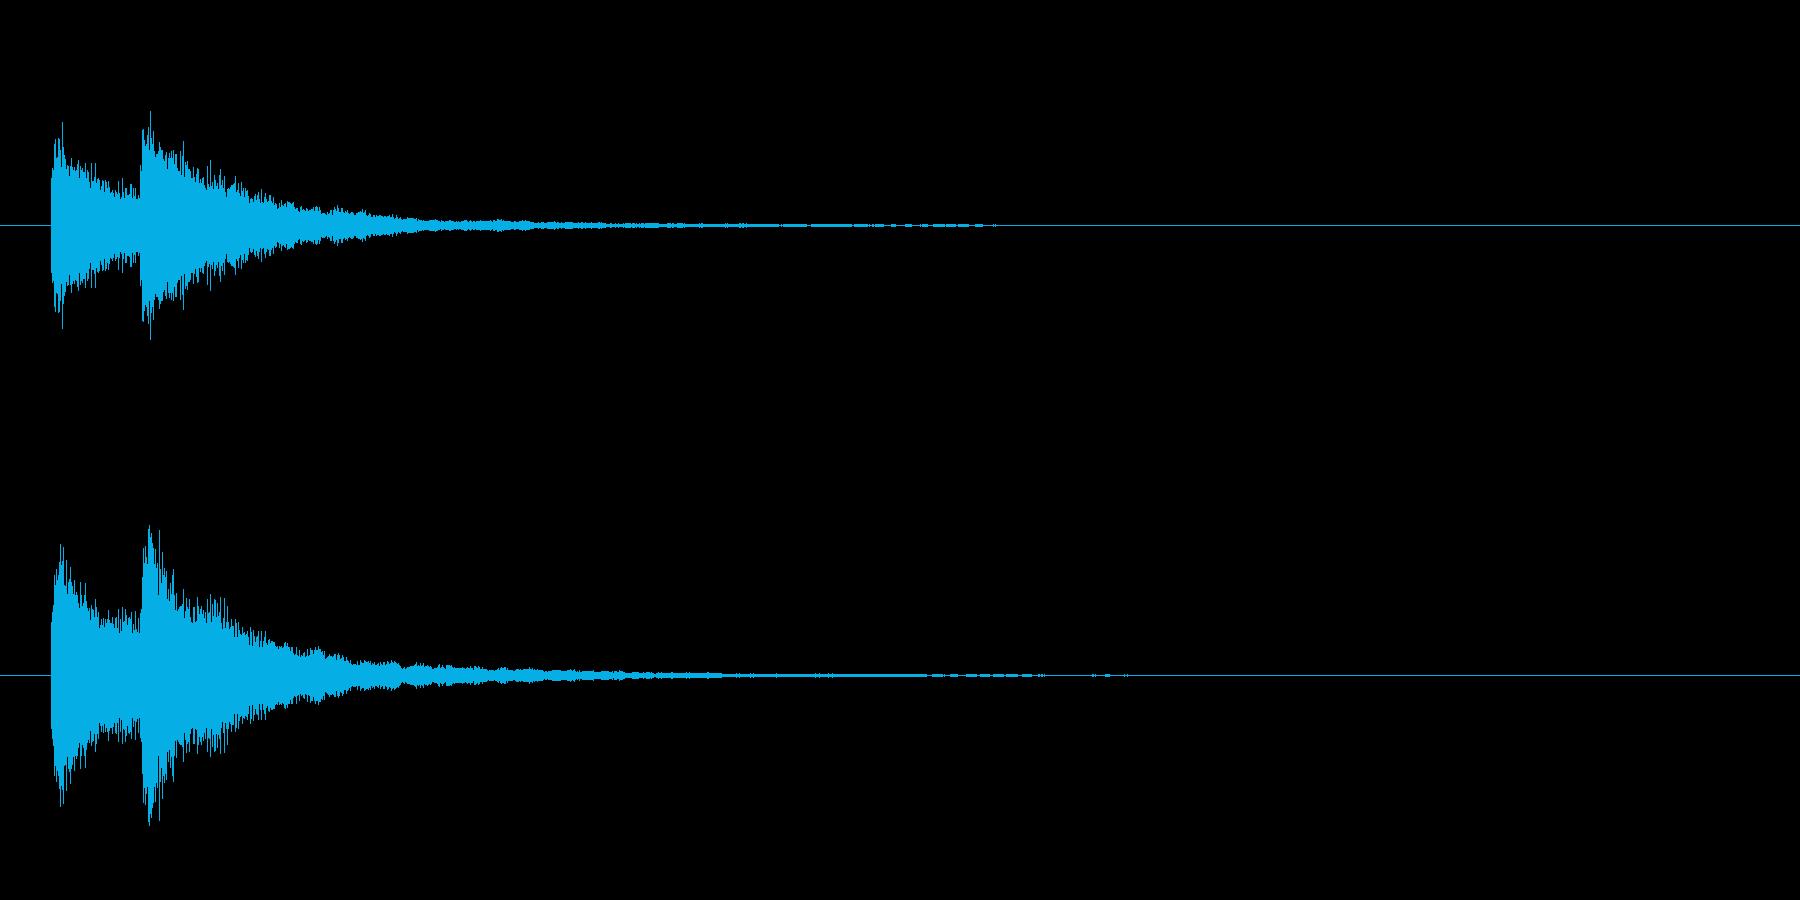 歌舞伎の吊るし鉦 双盤の単発音+Fxの再生済みの波形